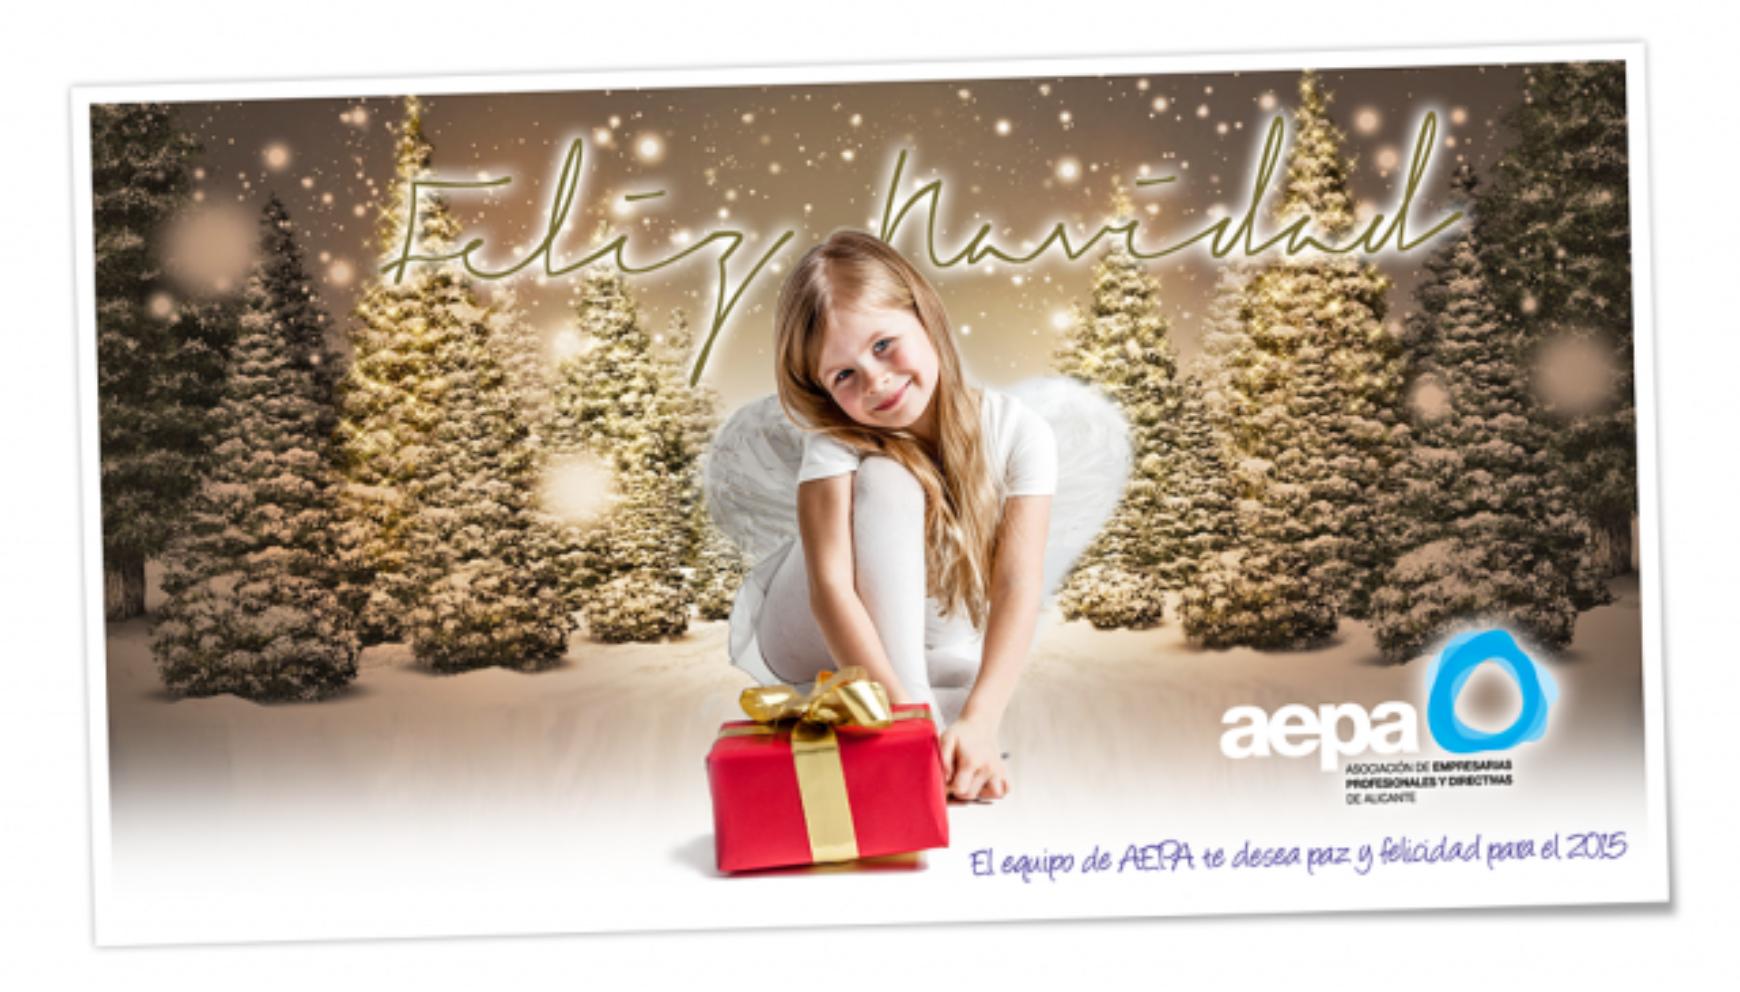 El equipo de AEPA te desea paz y felicidad para el 2015